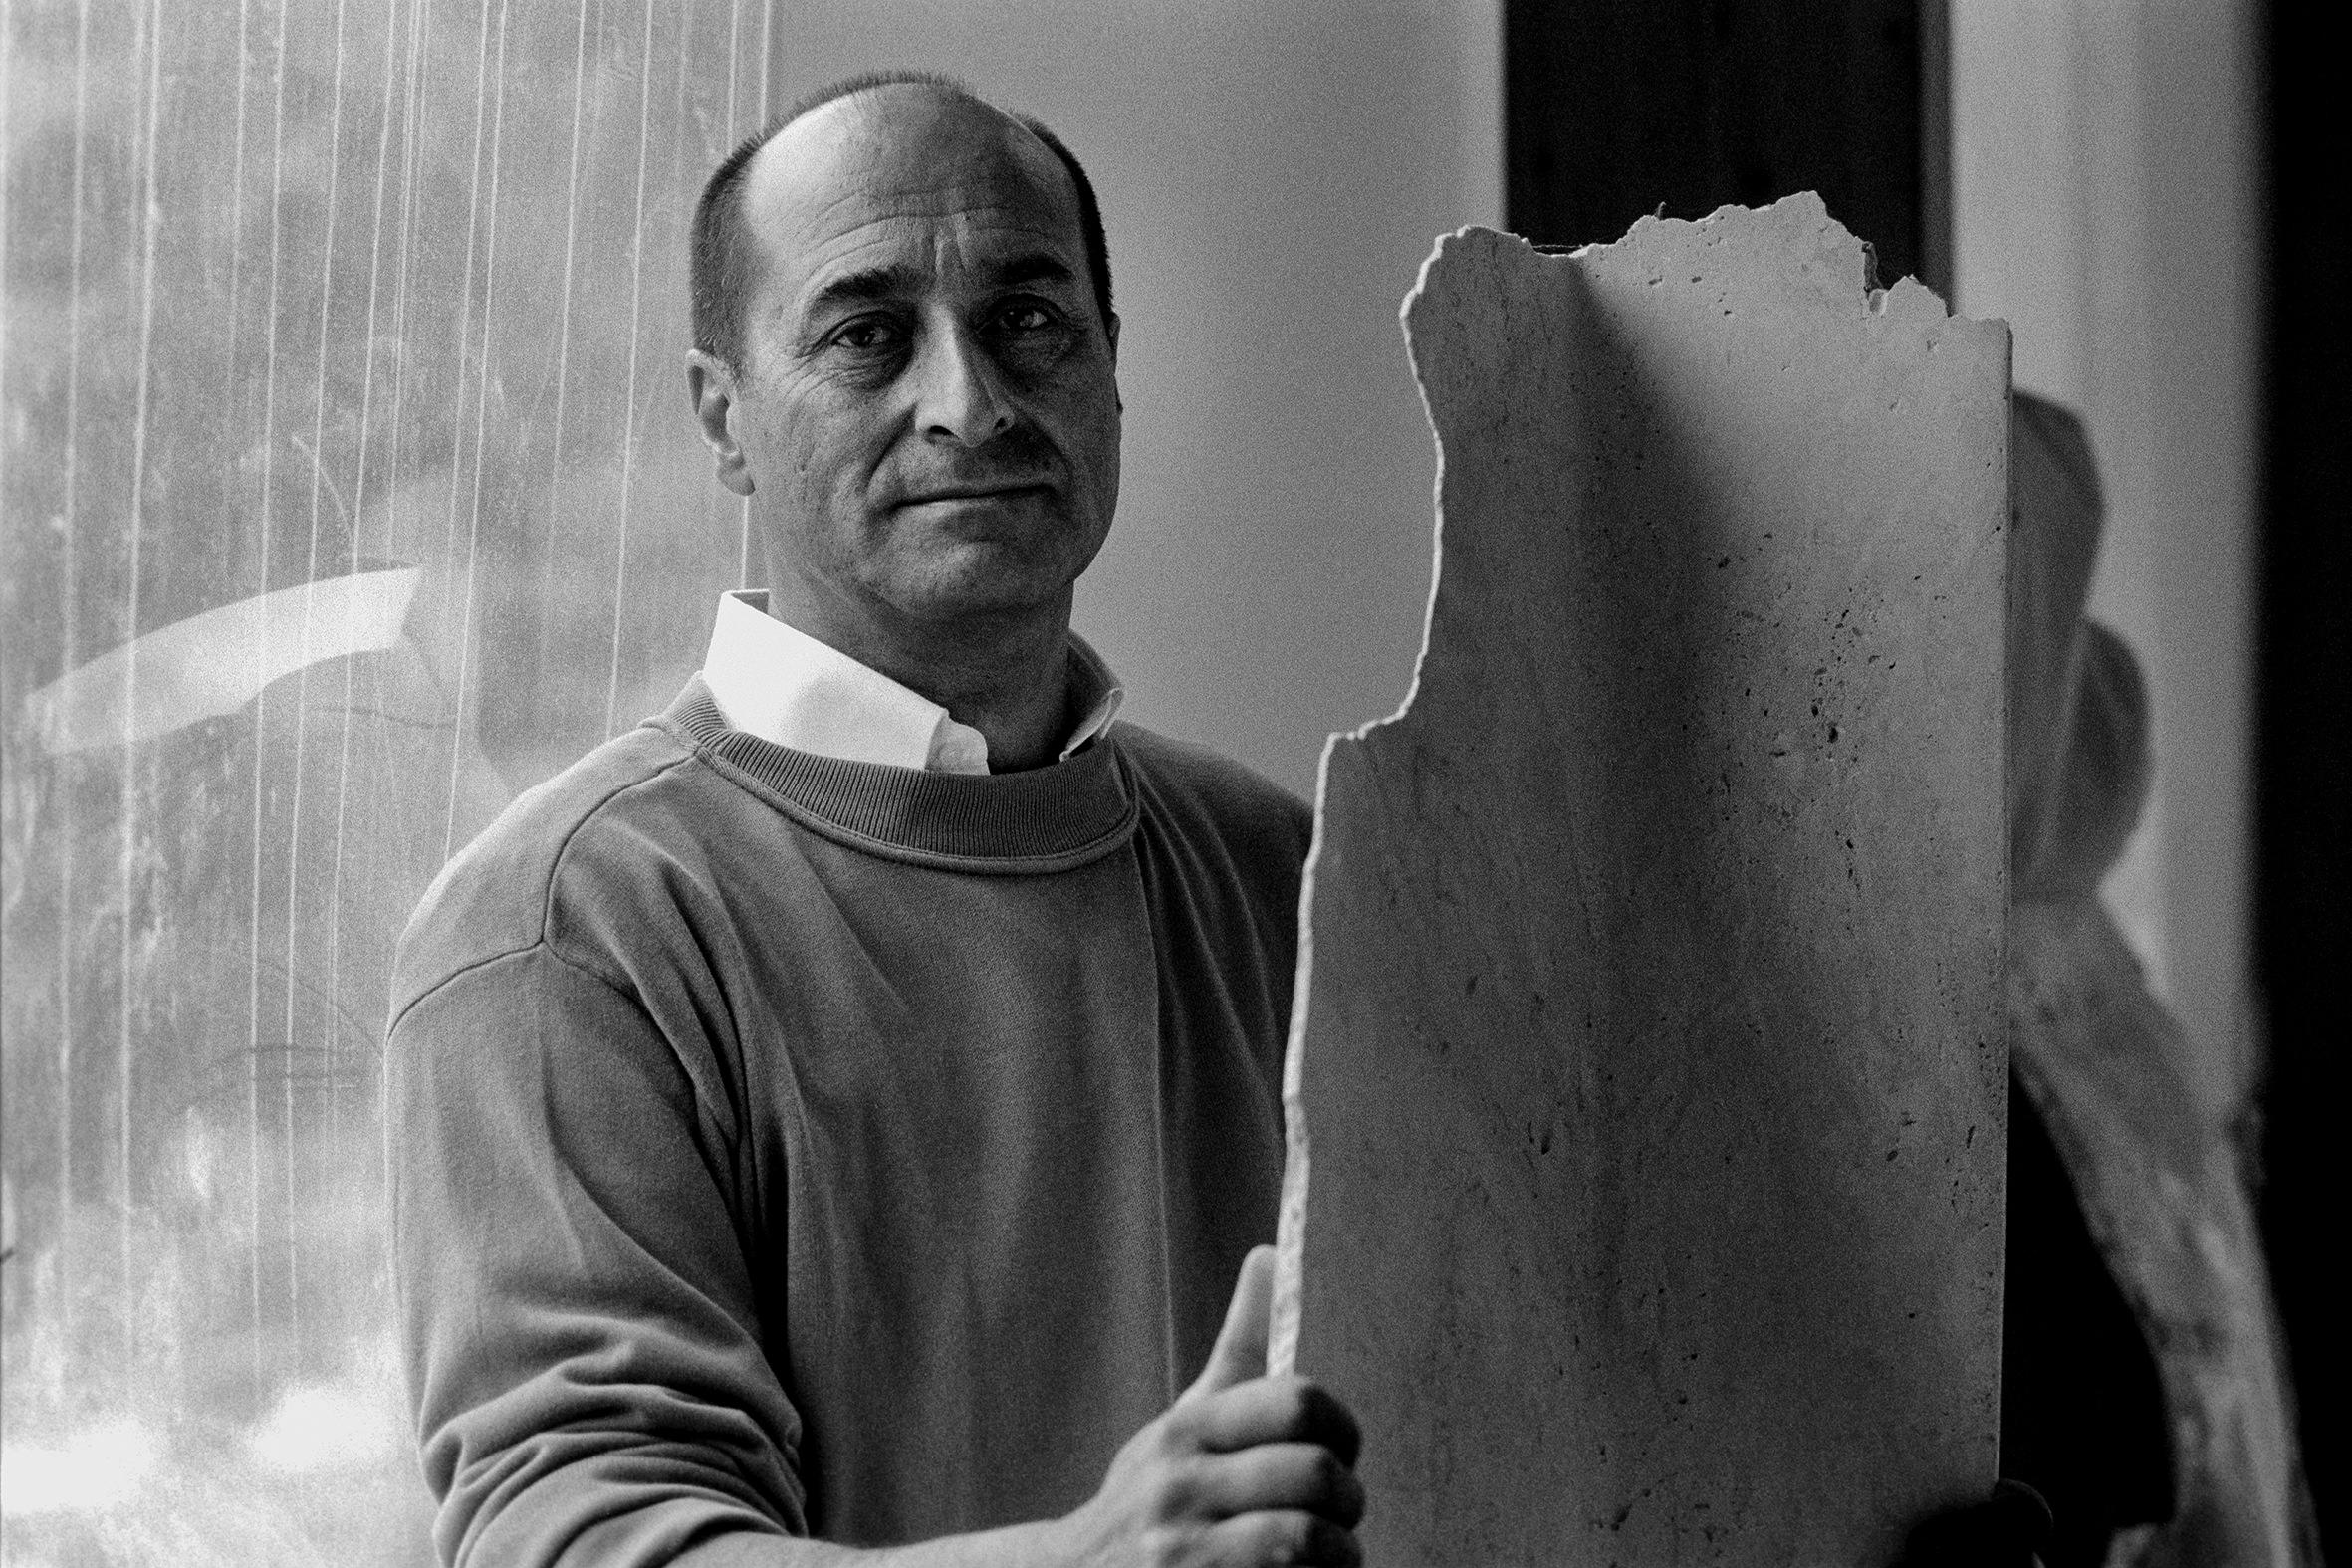 ARTISTI - 6 – Giuliano Giuliani con una sua opera, Colli del Tronto, 2008